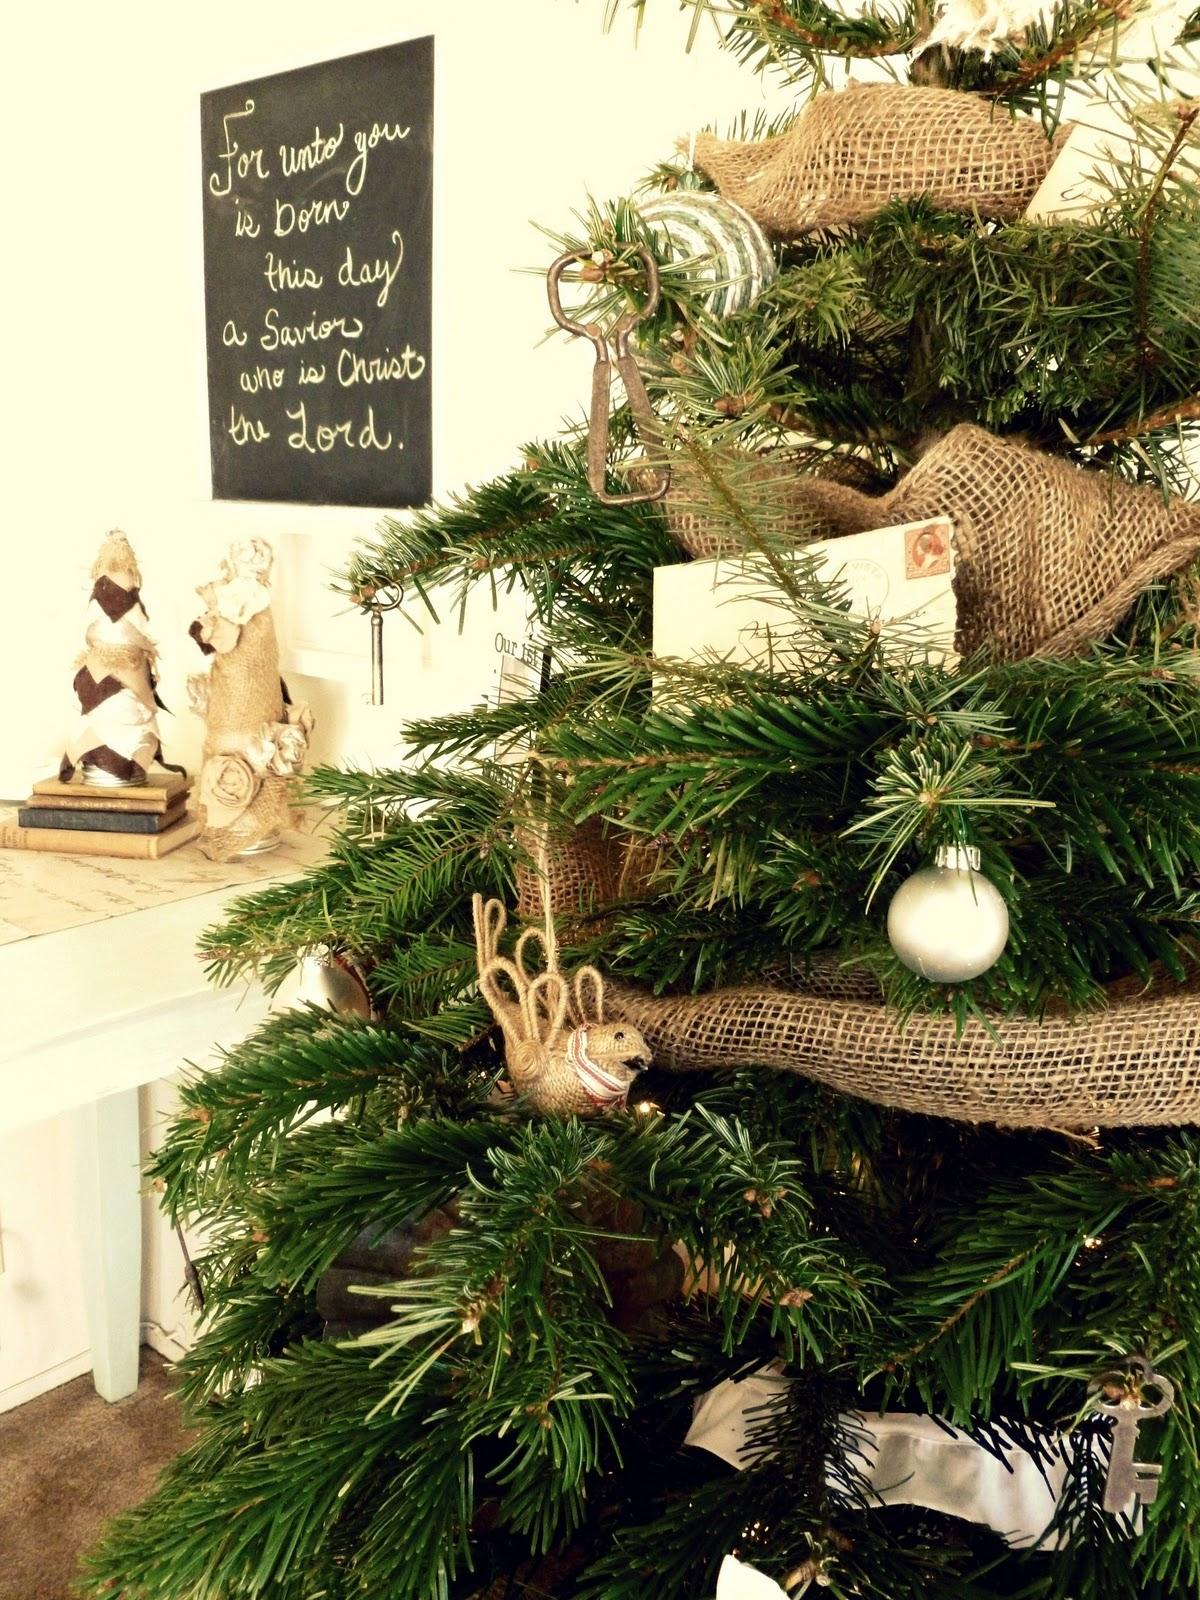 Burlap & Buttons Christmas Decor a dime